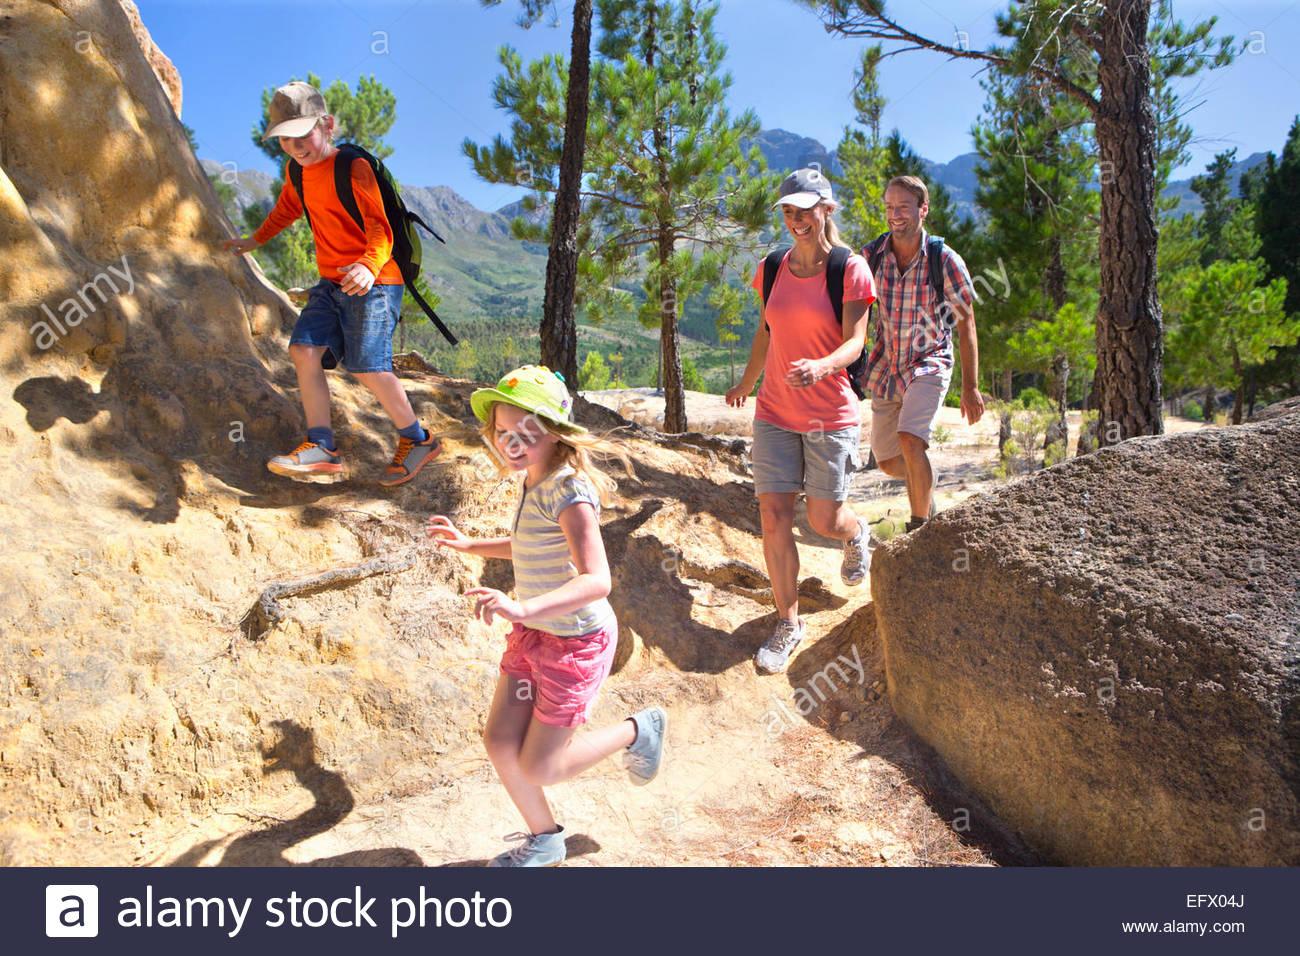 Famiglia escursioni sul sentiero di montagna Immagini Stock